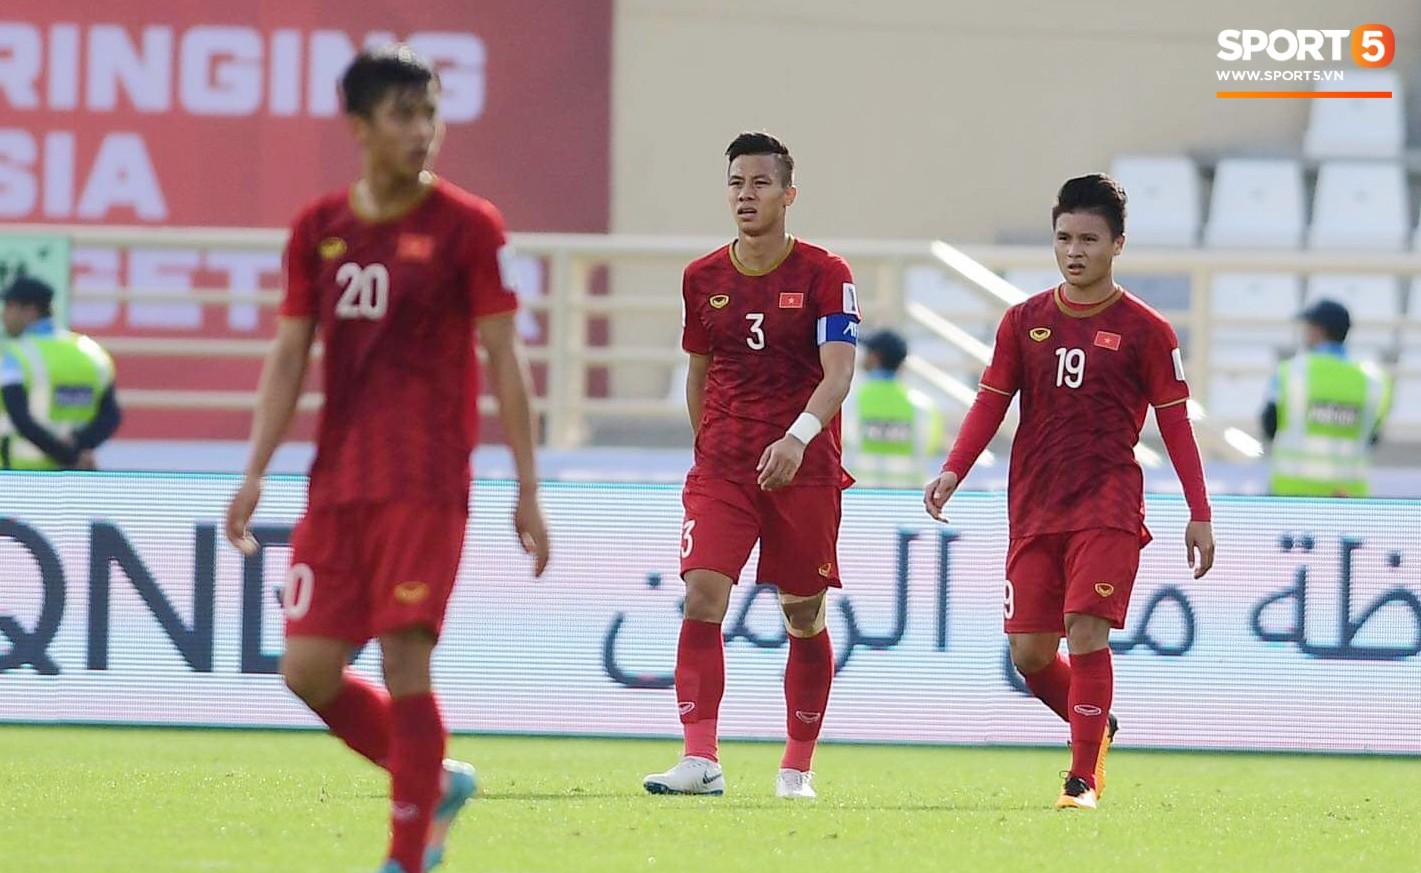 Quang Hải hét lớn, hô hào đồng đội đứng dậy sau bàn thua-6